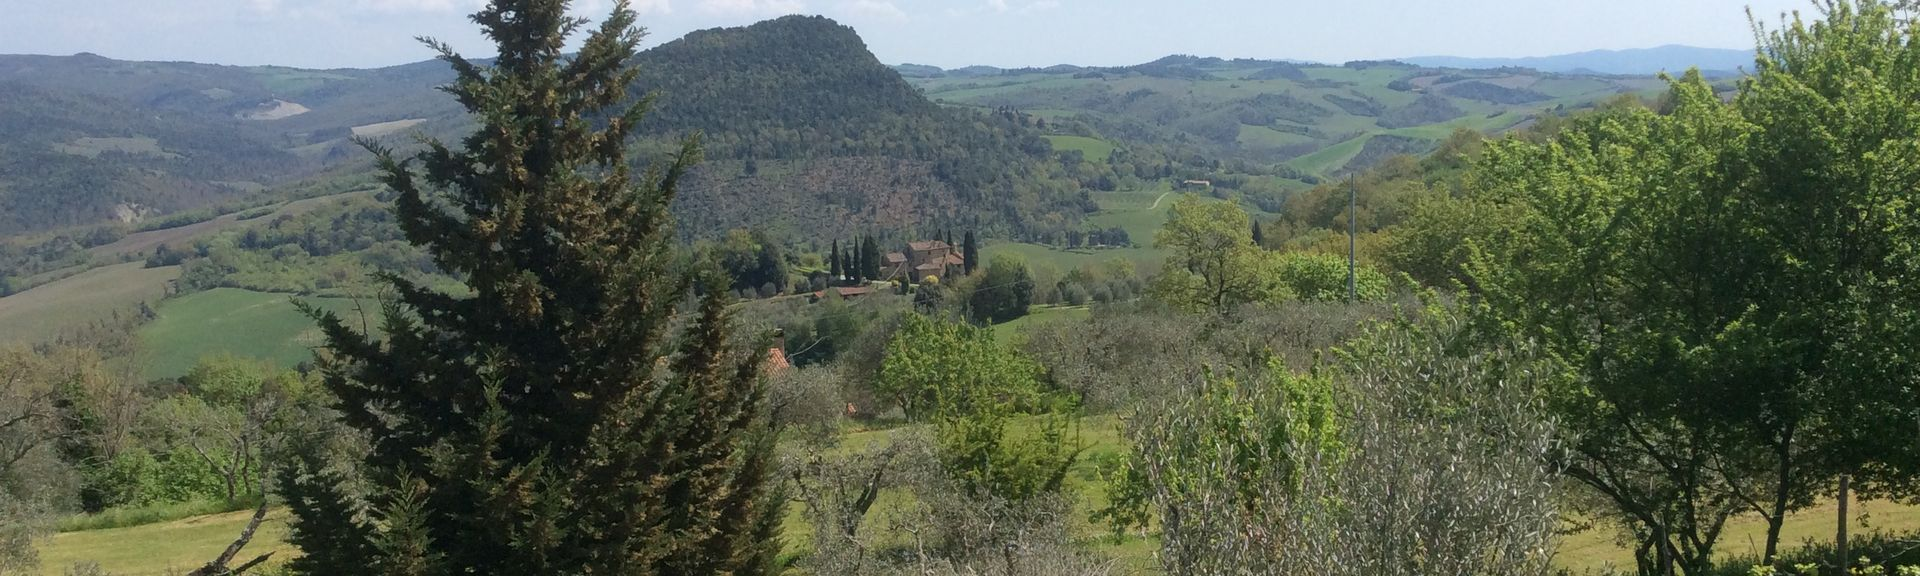 Castelnuovo di Val di Cecina, Toskana, Italien